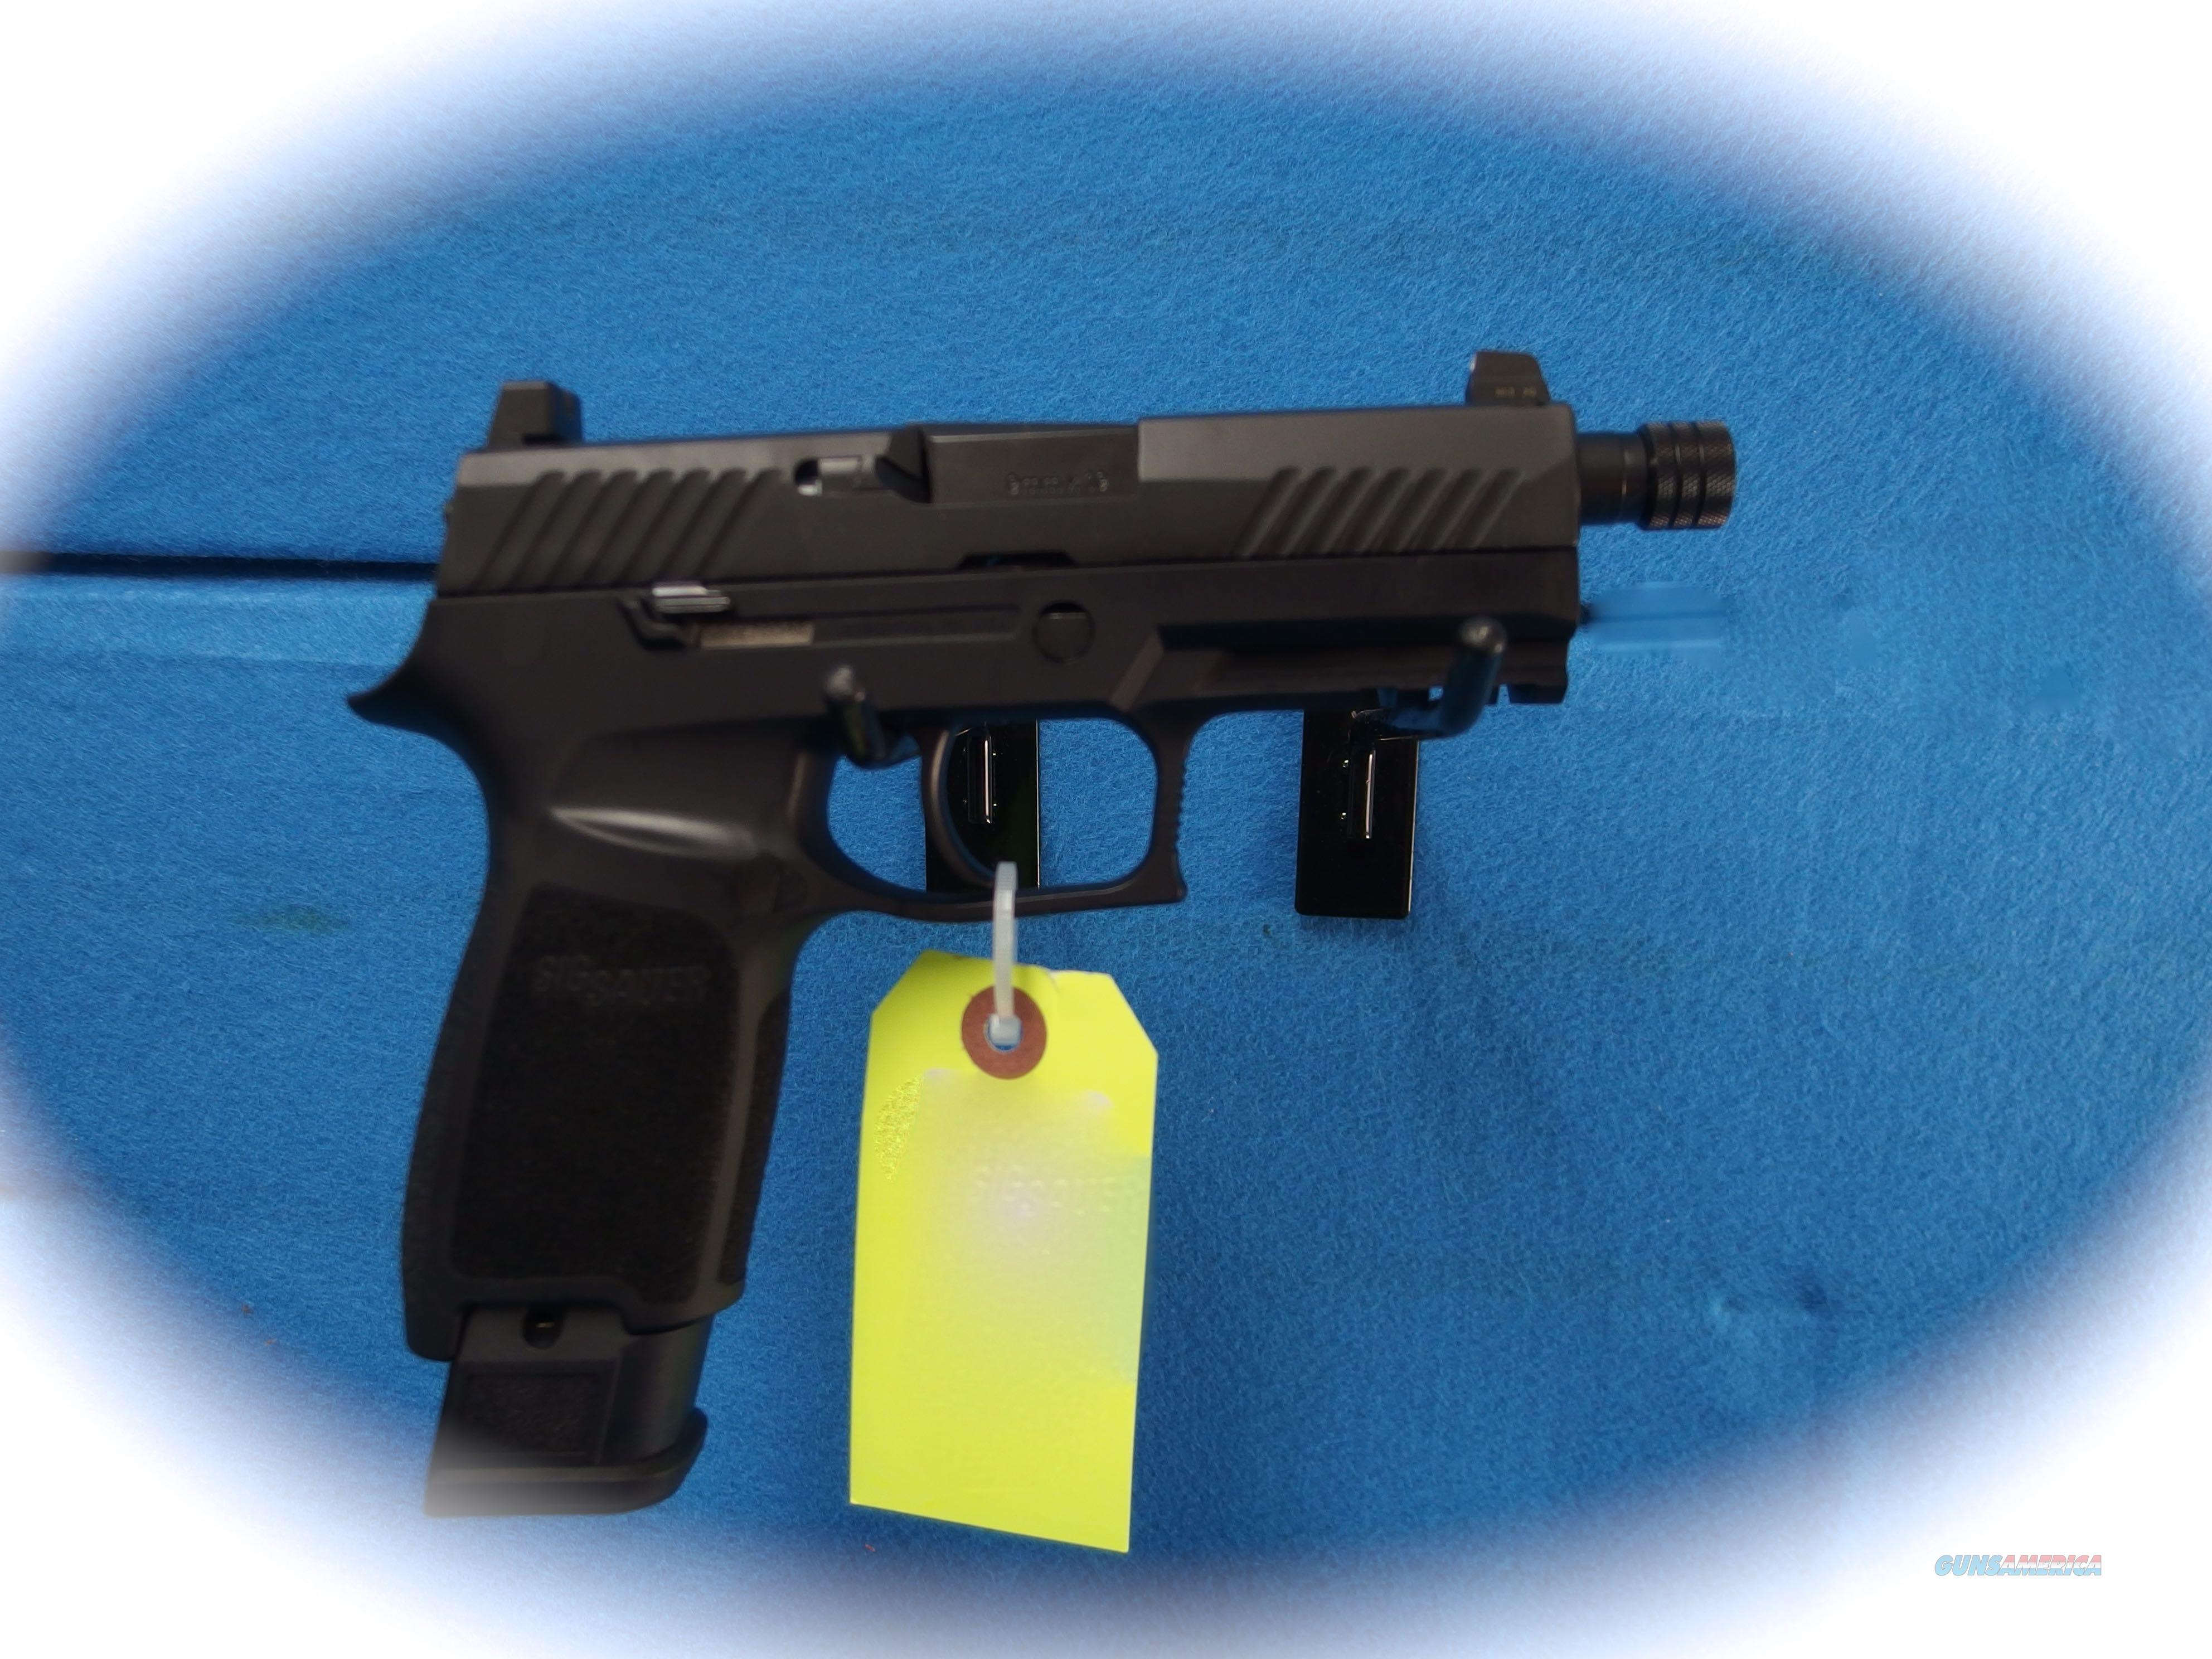 Sig Sauer P320 TacOps 9mm Semi Auto Pistol W/TB **New**  Guns > Pistols > Sig - Sauer/Sigarms Pistols > P320